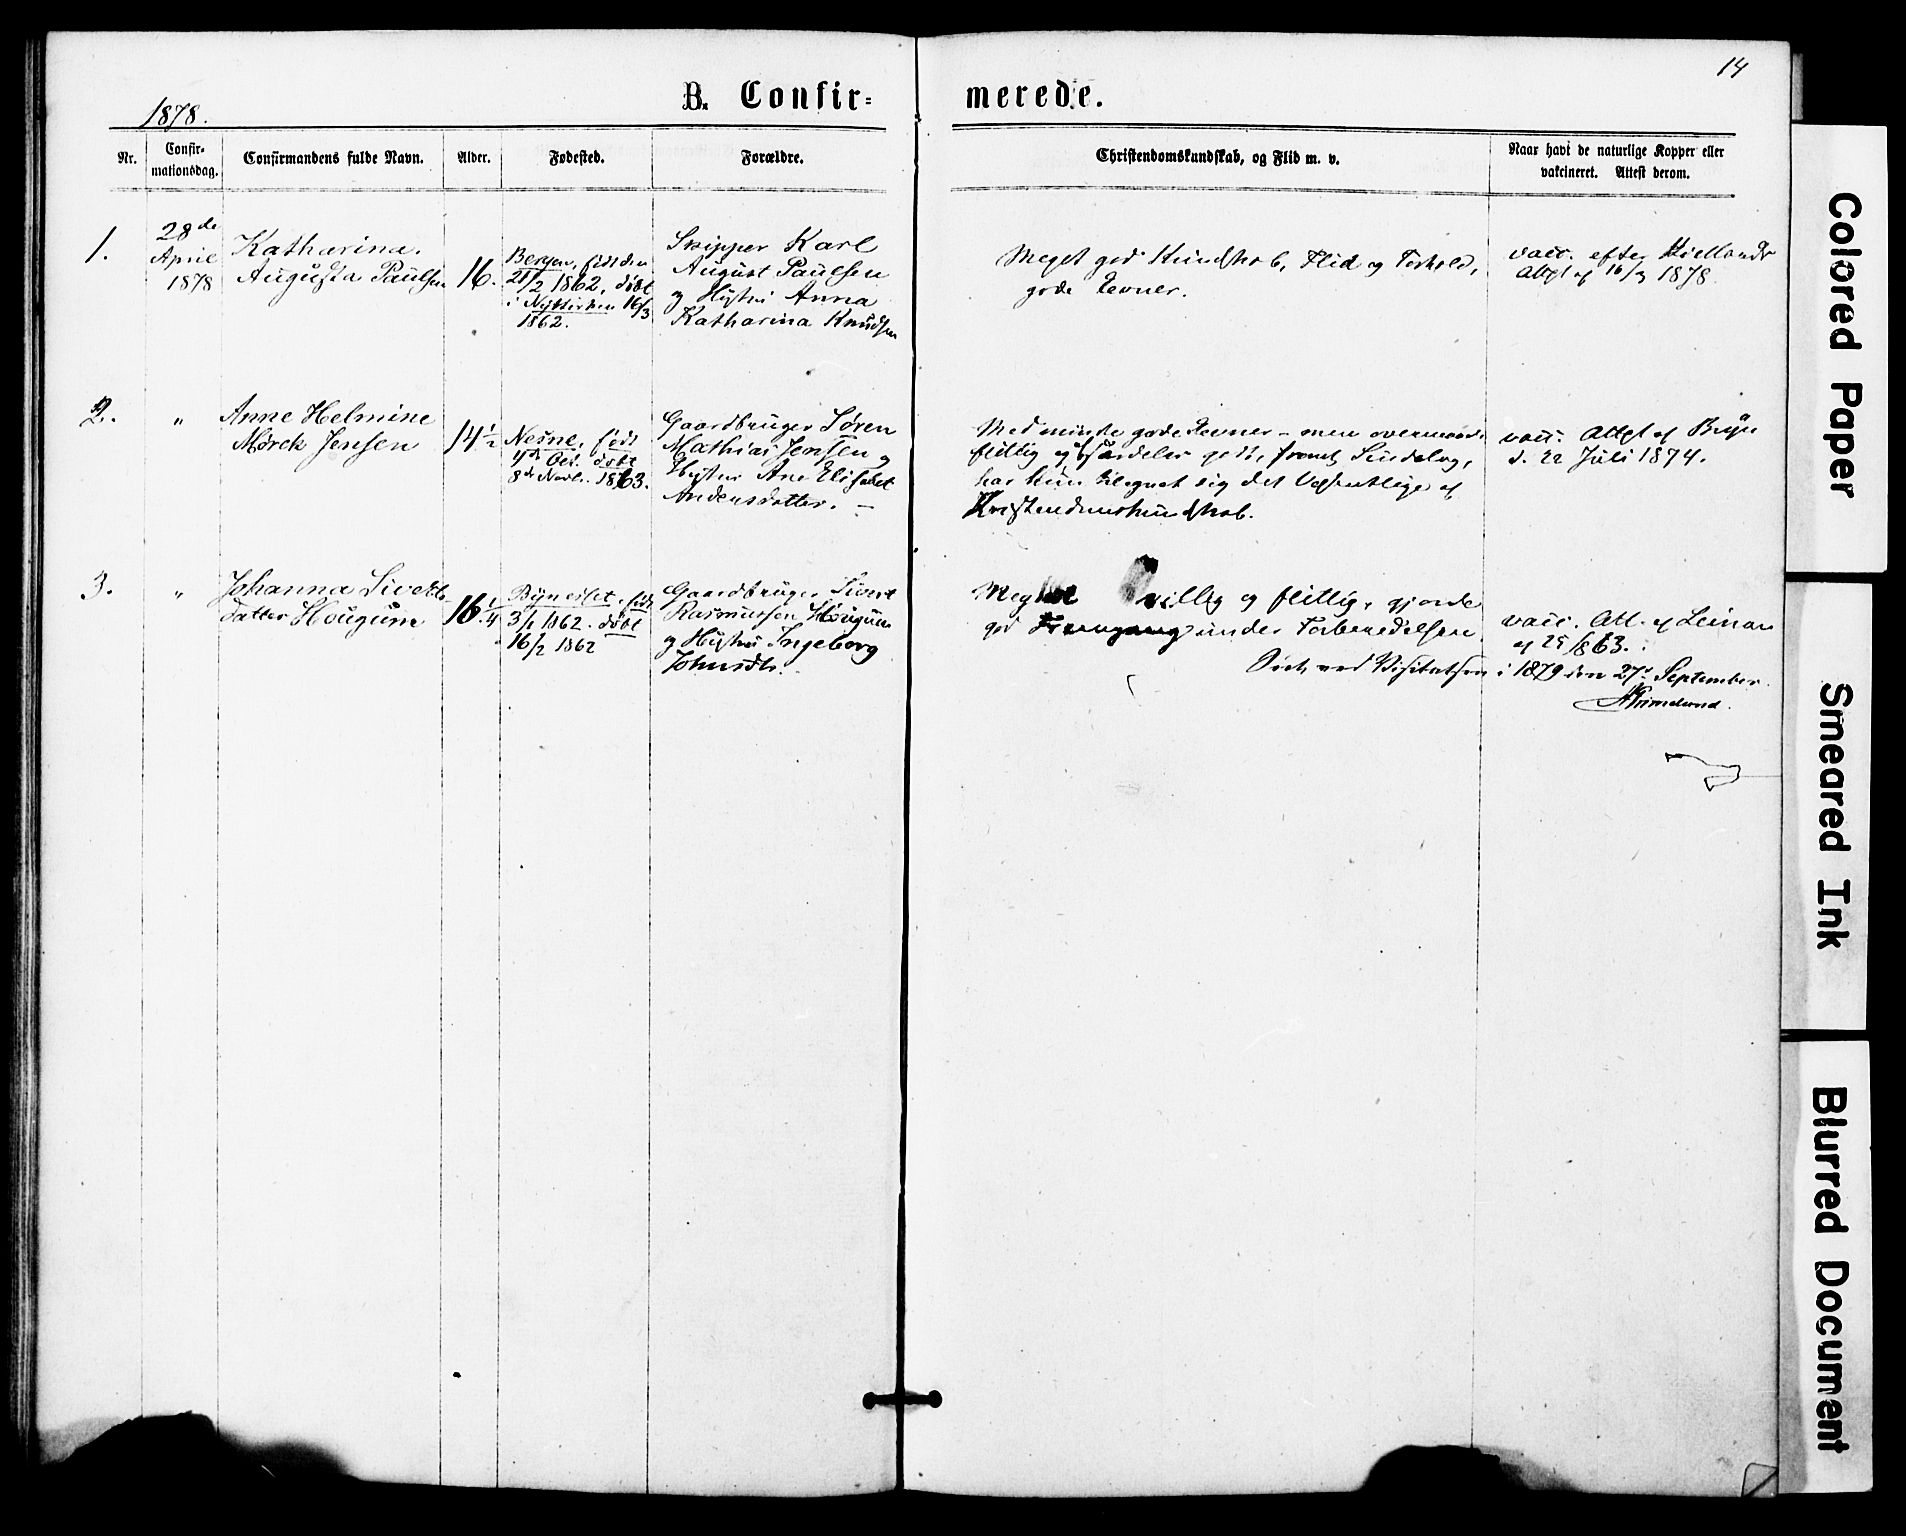 SAT, Ministerialprotokoller, klokkerbøker og fødselsregistre - Sør-Trøndelag, 623/L0469: Ministerialbok nr. 623A03, 1868-1883, s. 14